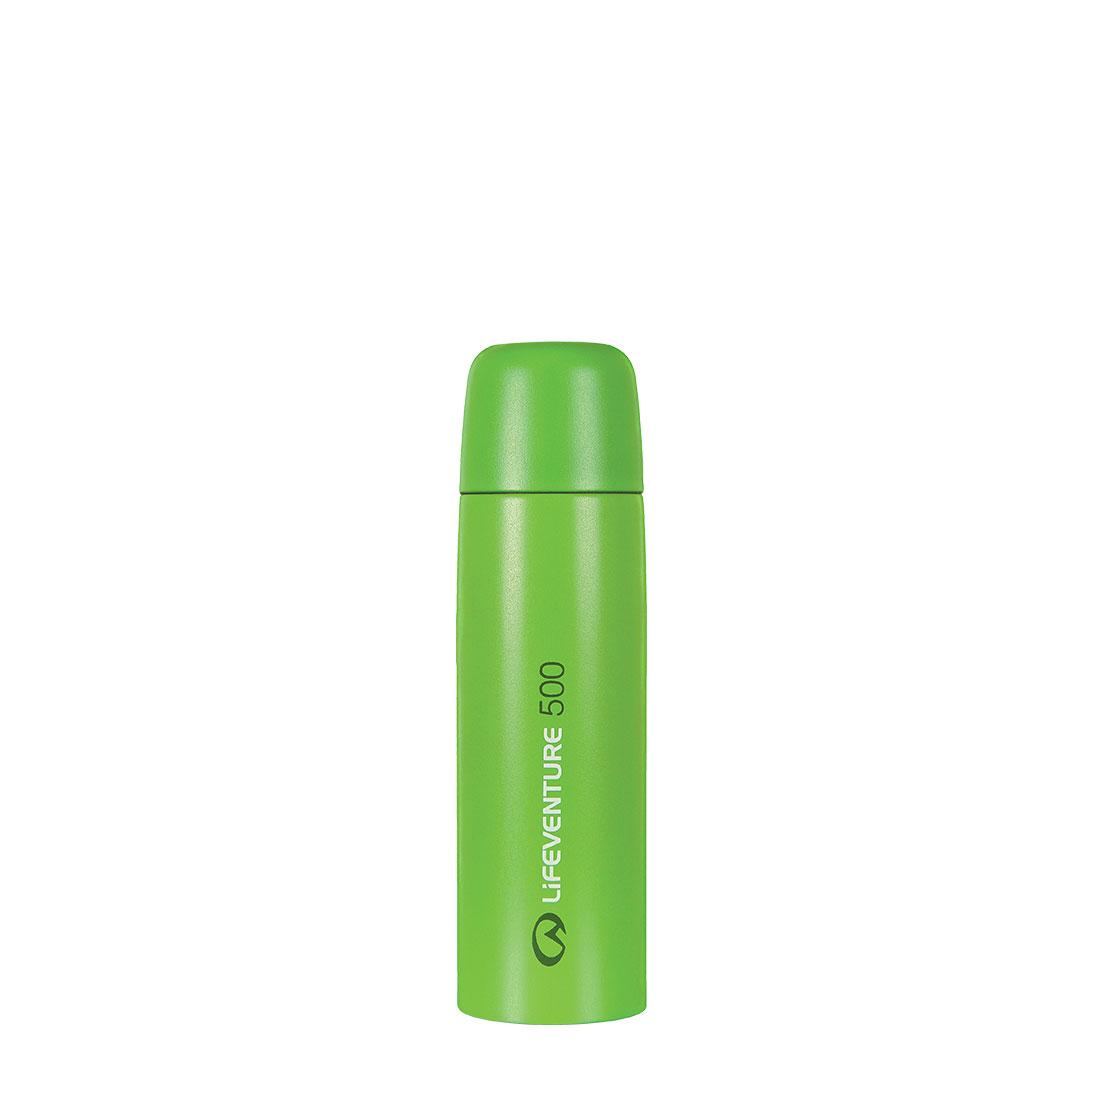 Trek Umbrella - Medium (green)